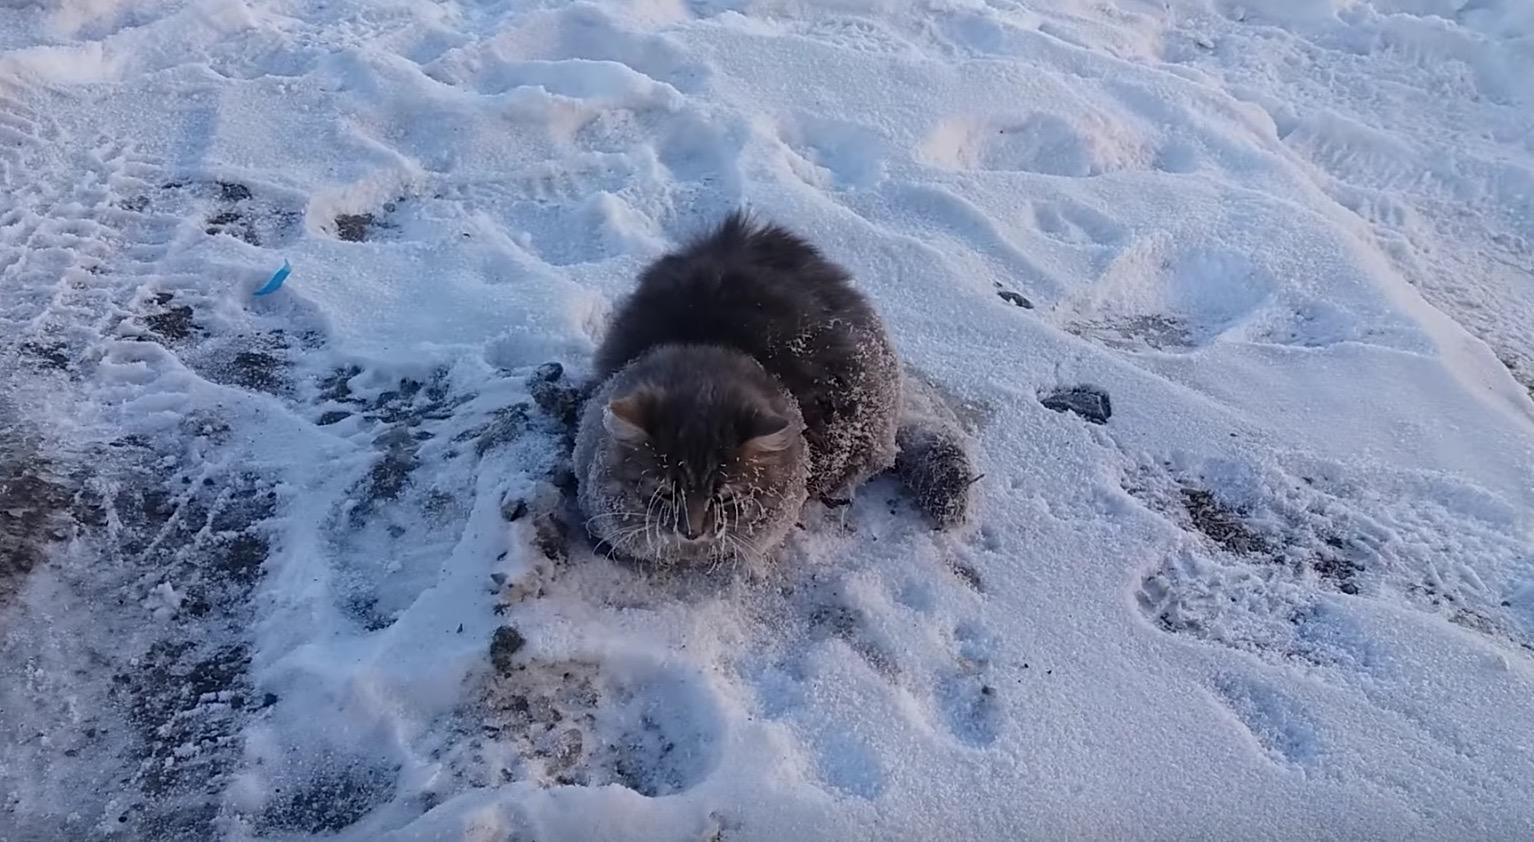 凍った路面に肉球が張り付き、凍結しかけていた猫。発見したカップルがある方法で救出!